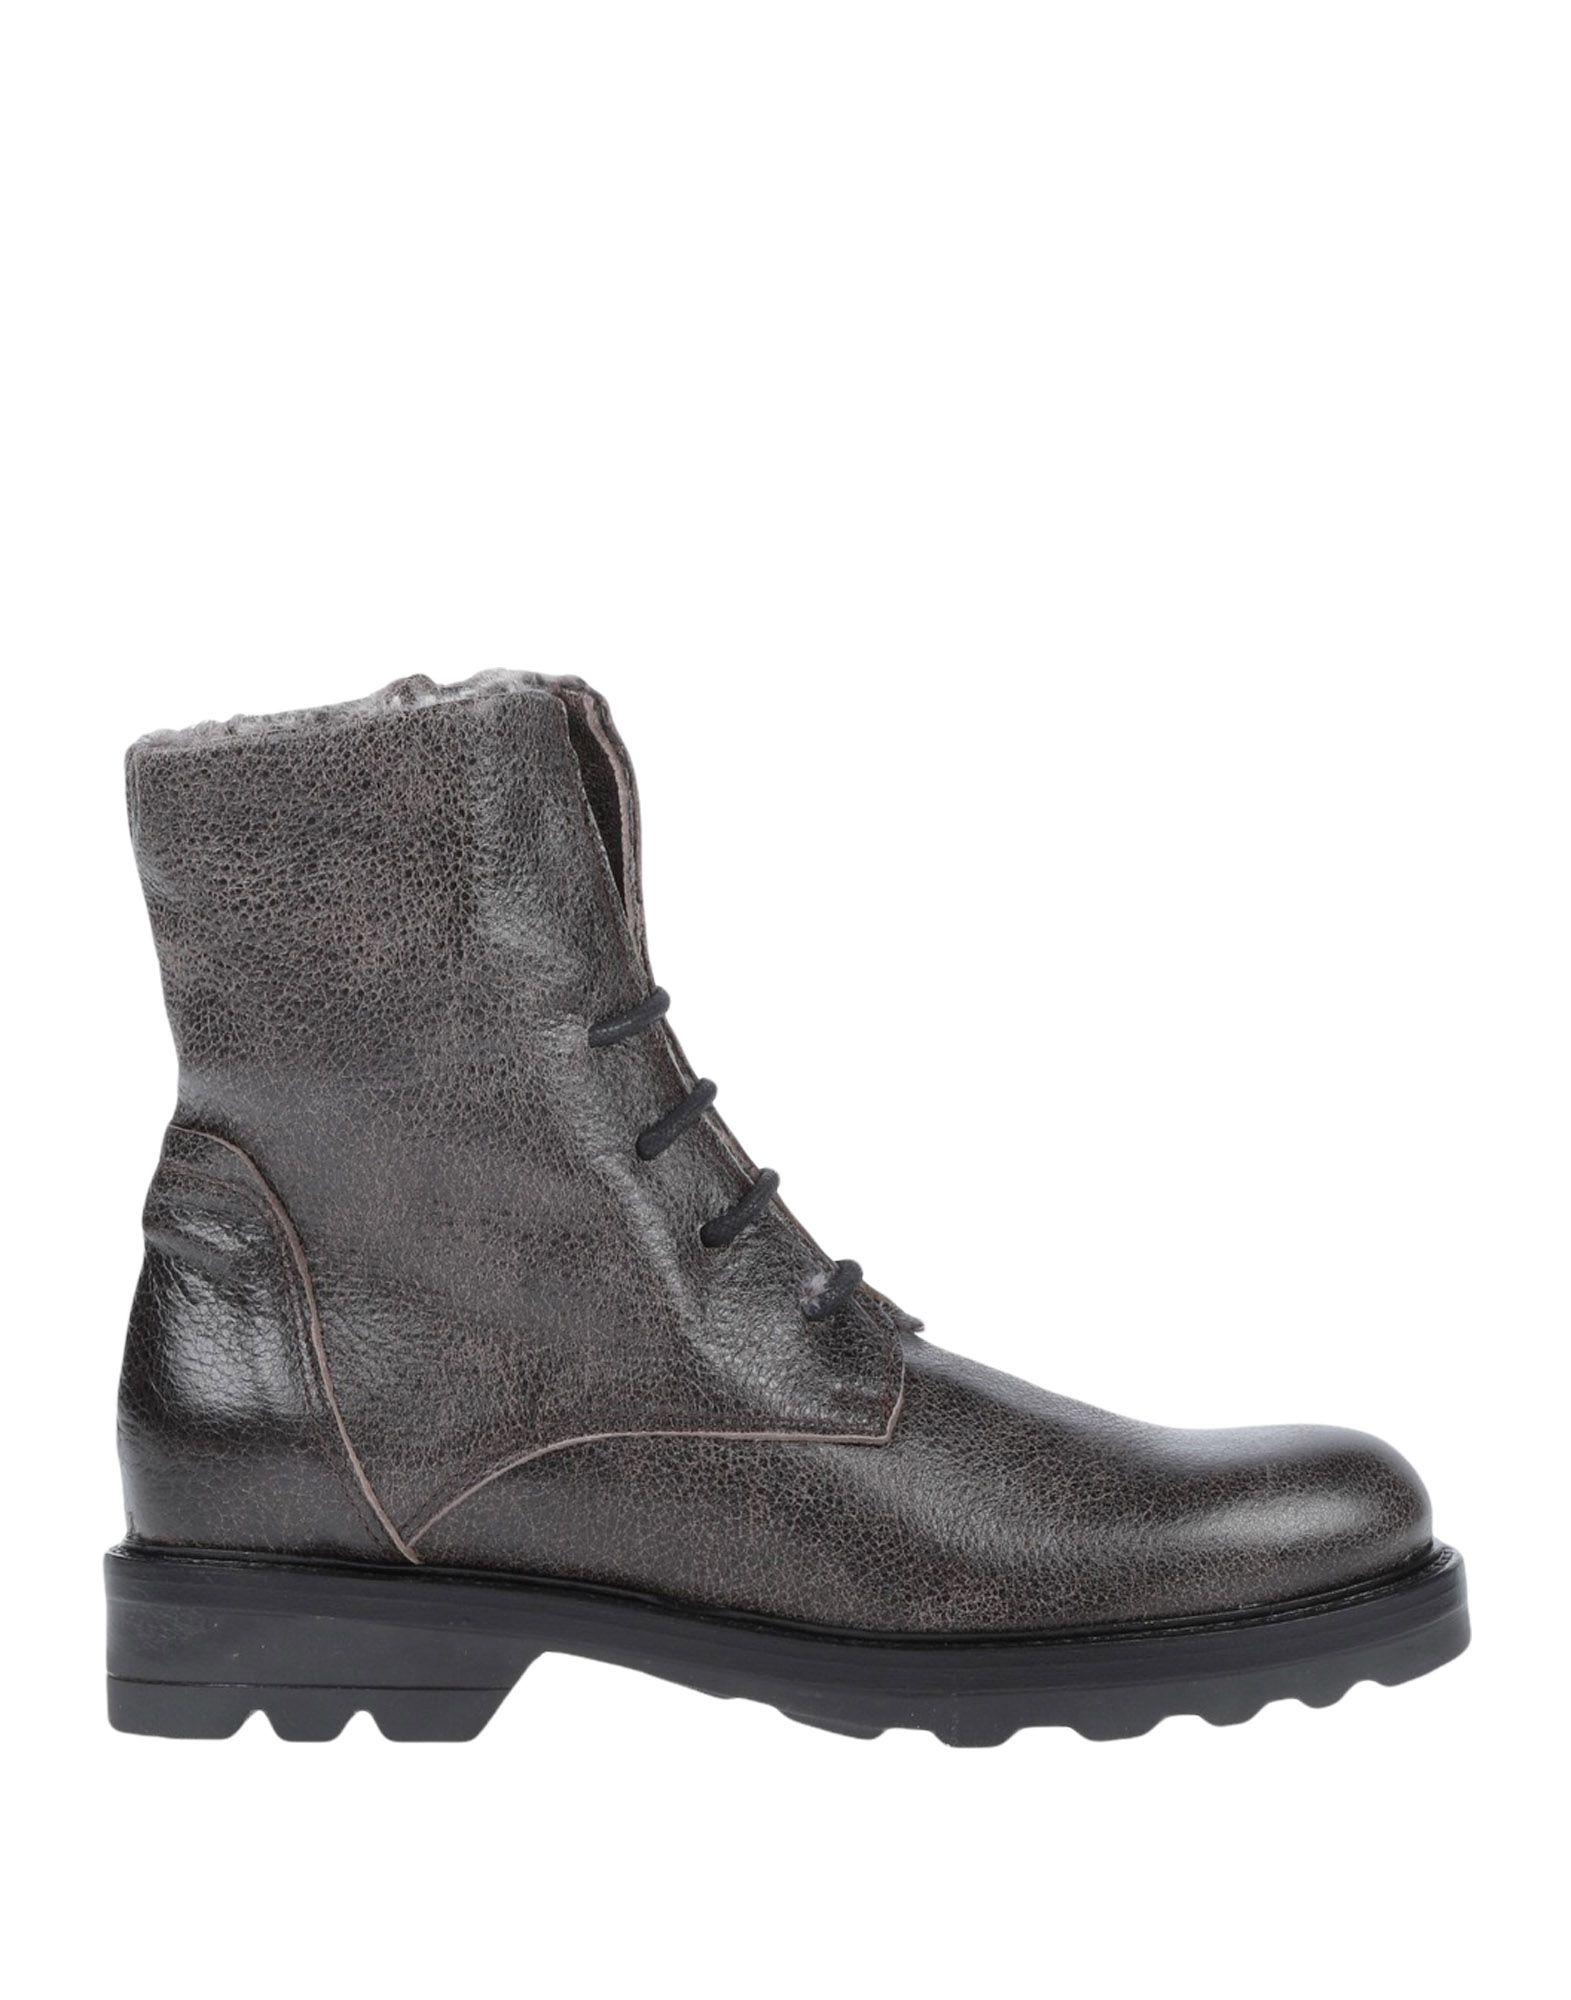 Lilimill Stiefelette Damen  11522385XL Gute Qualität beliebte Schuhe